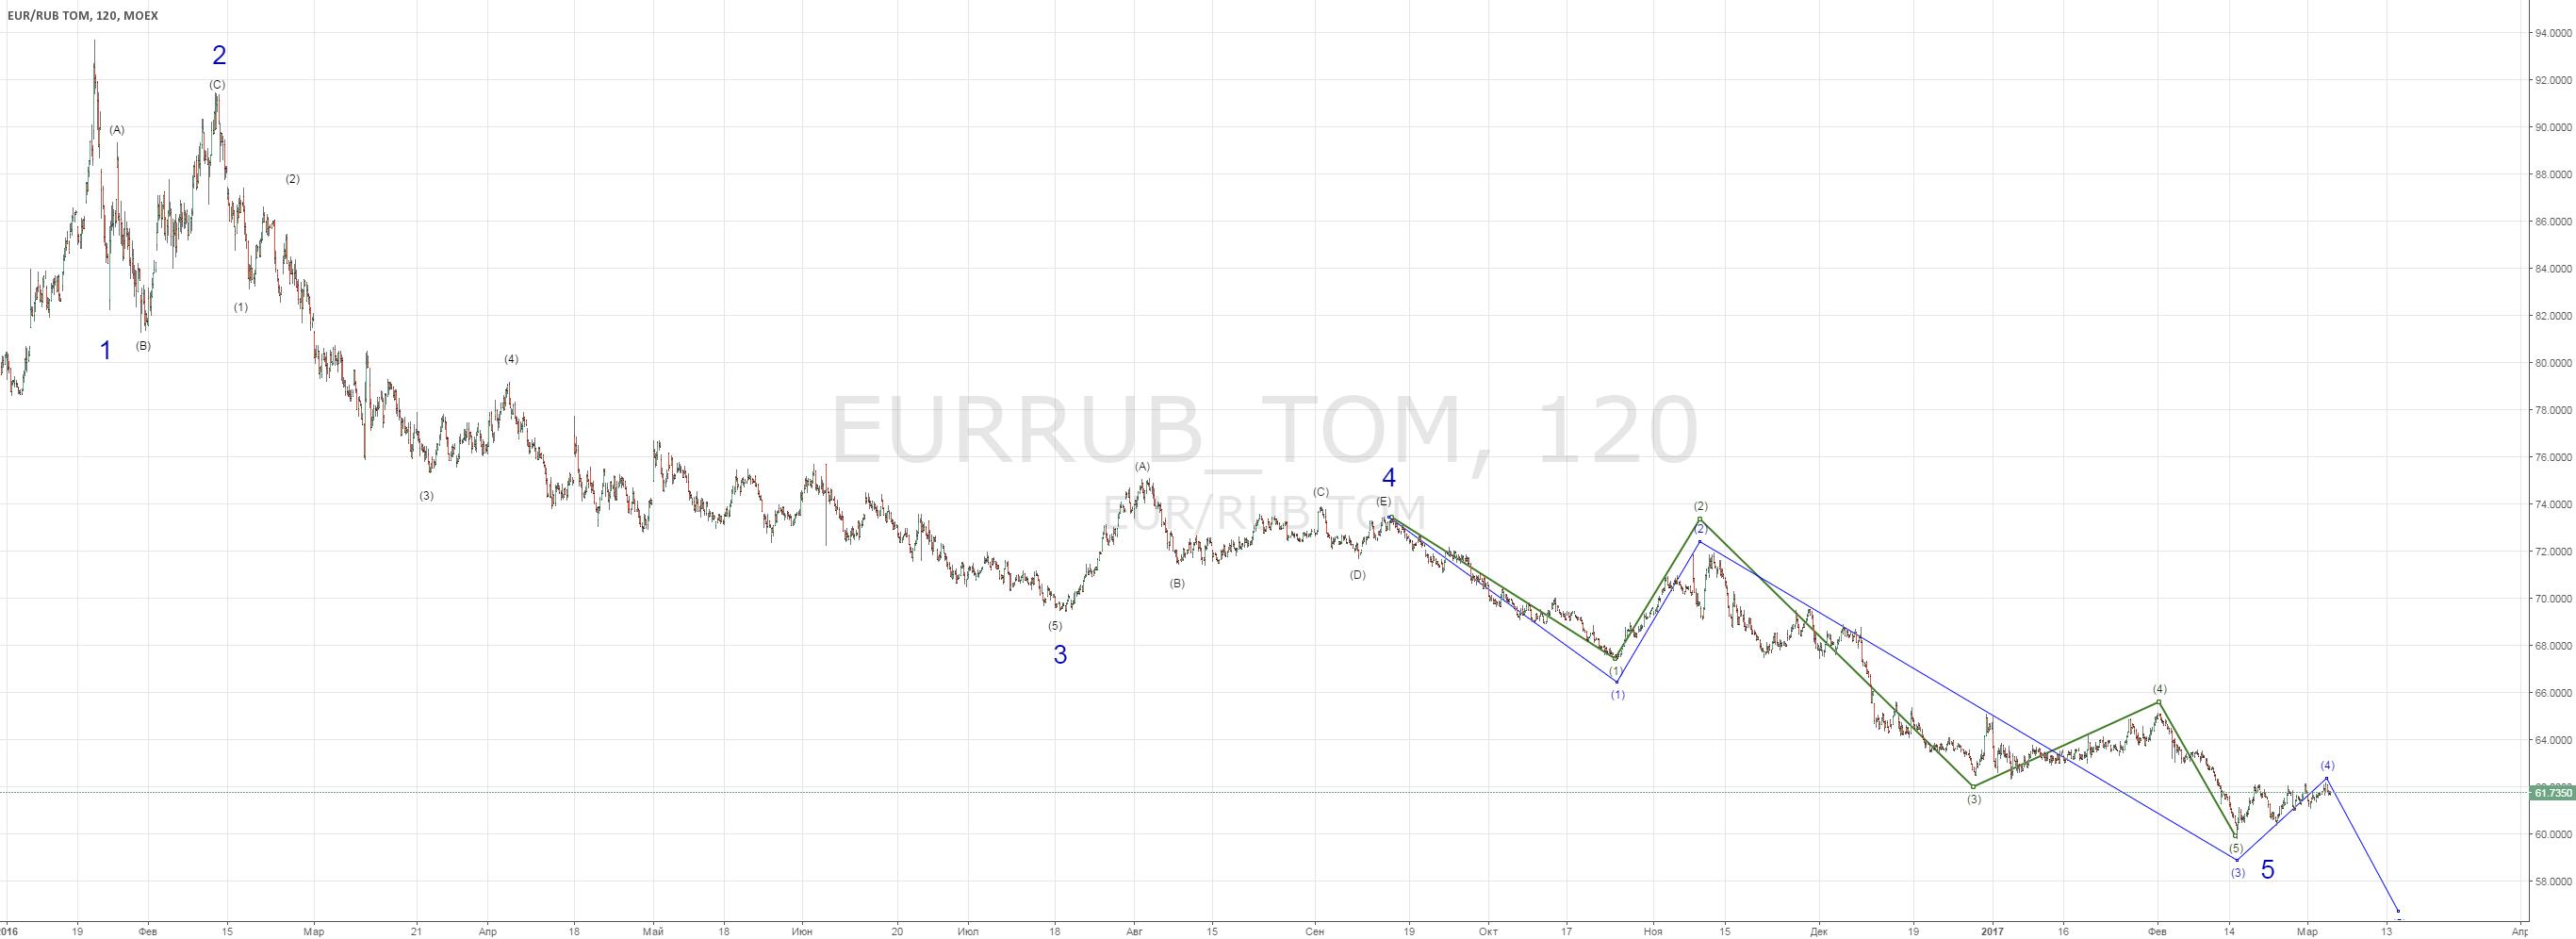 EURRUB_TOM